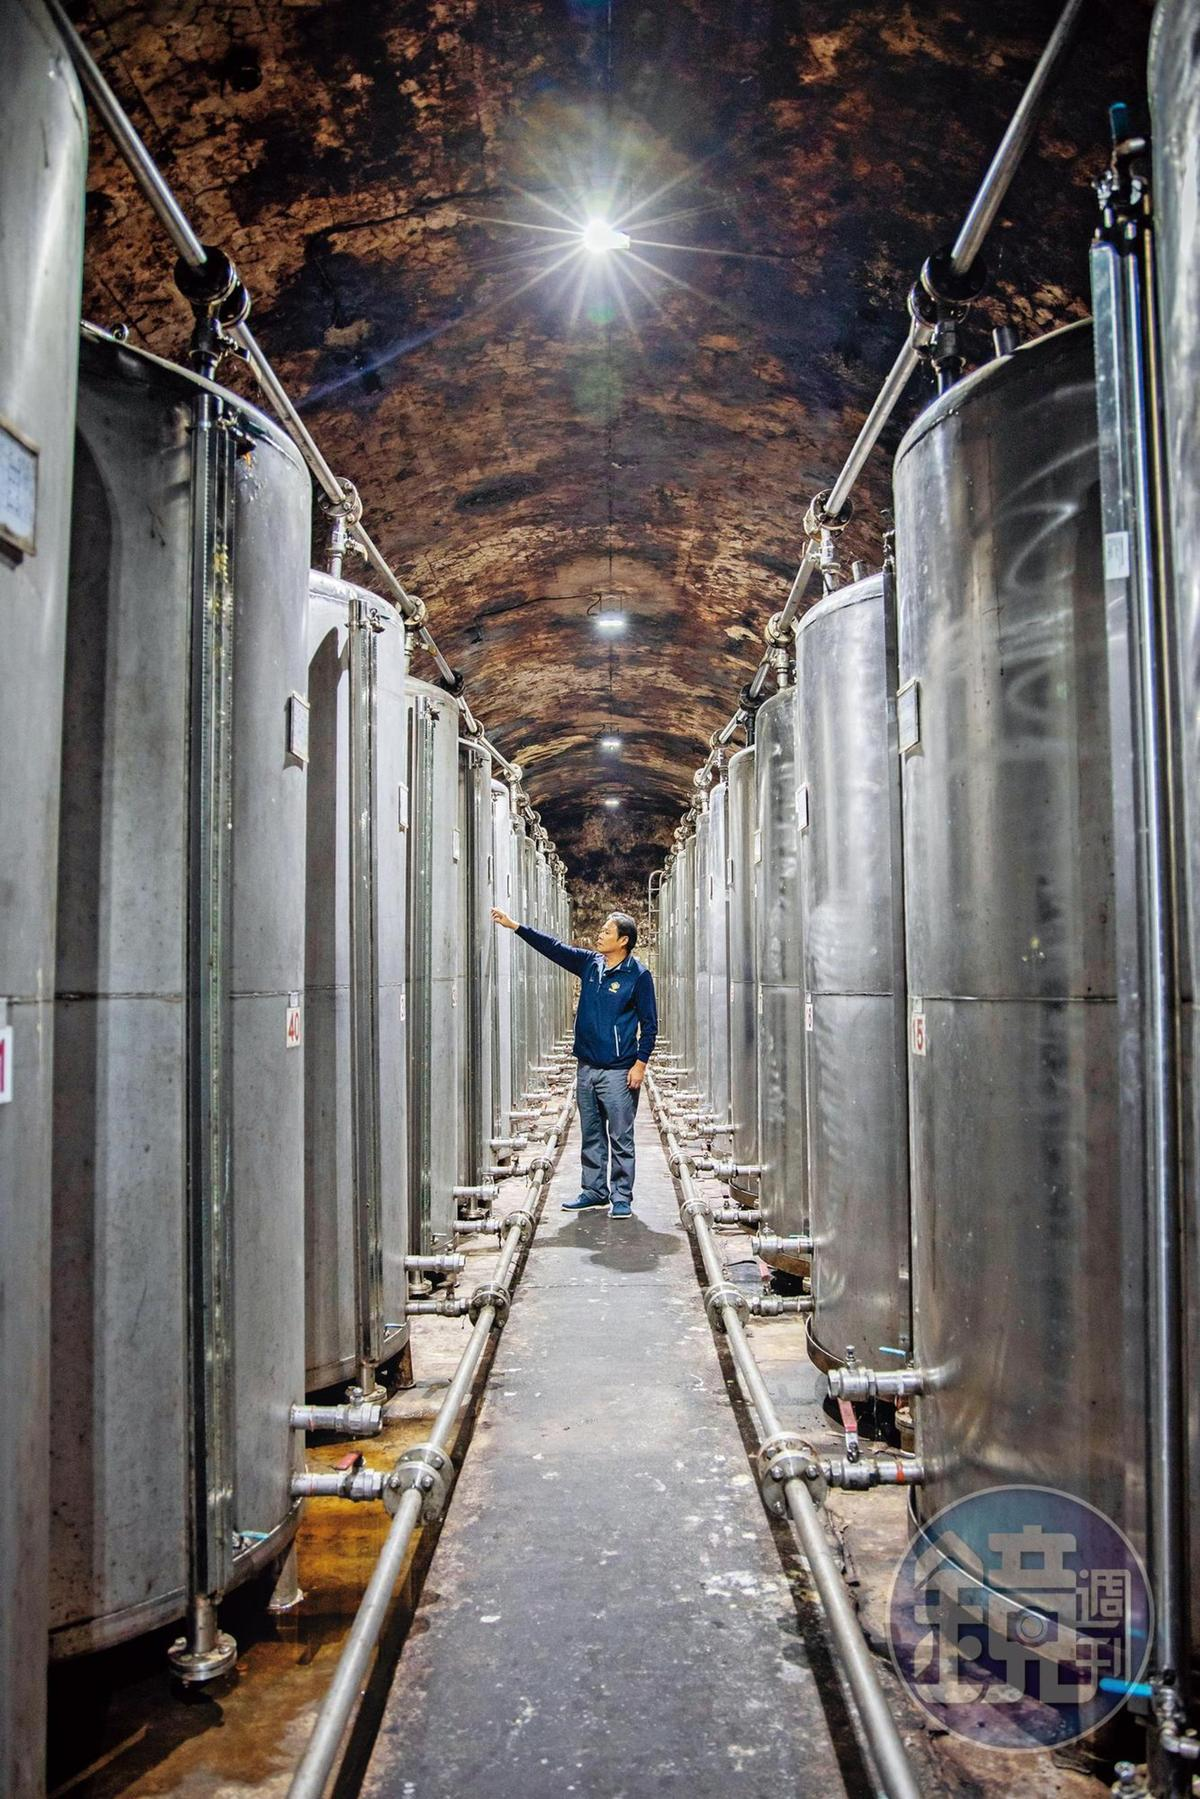 八八坑道的內坑道裡儲存40萬公升的高粱。